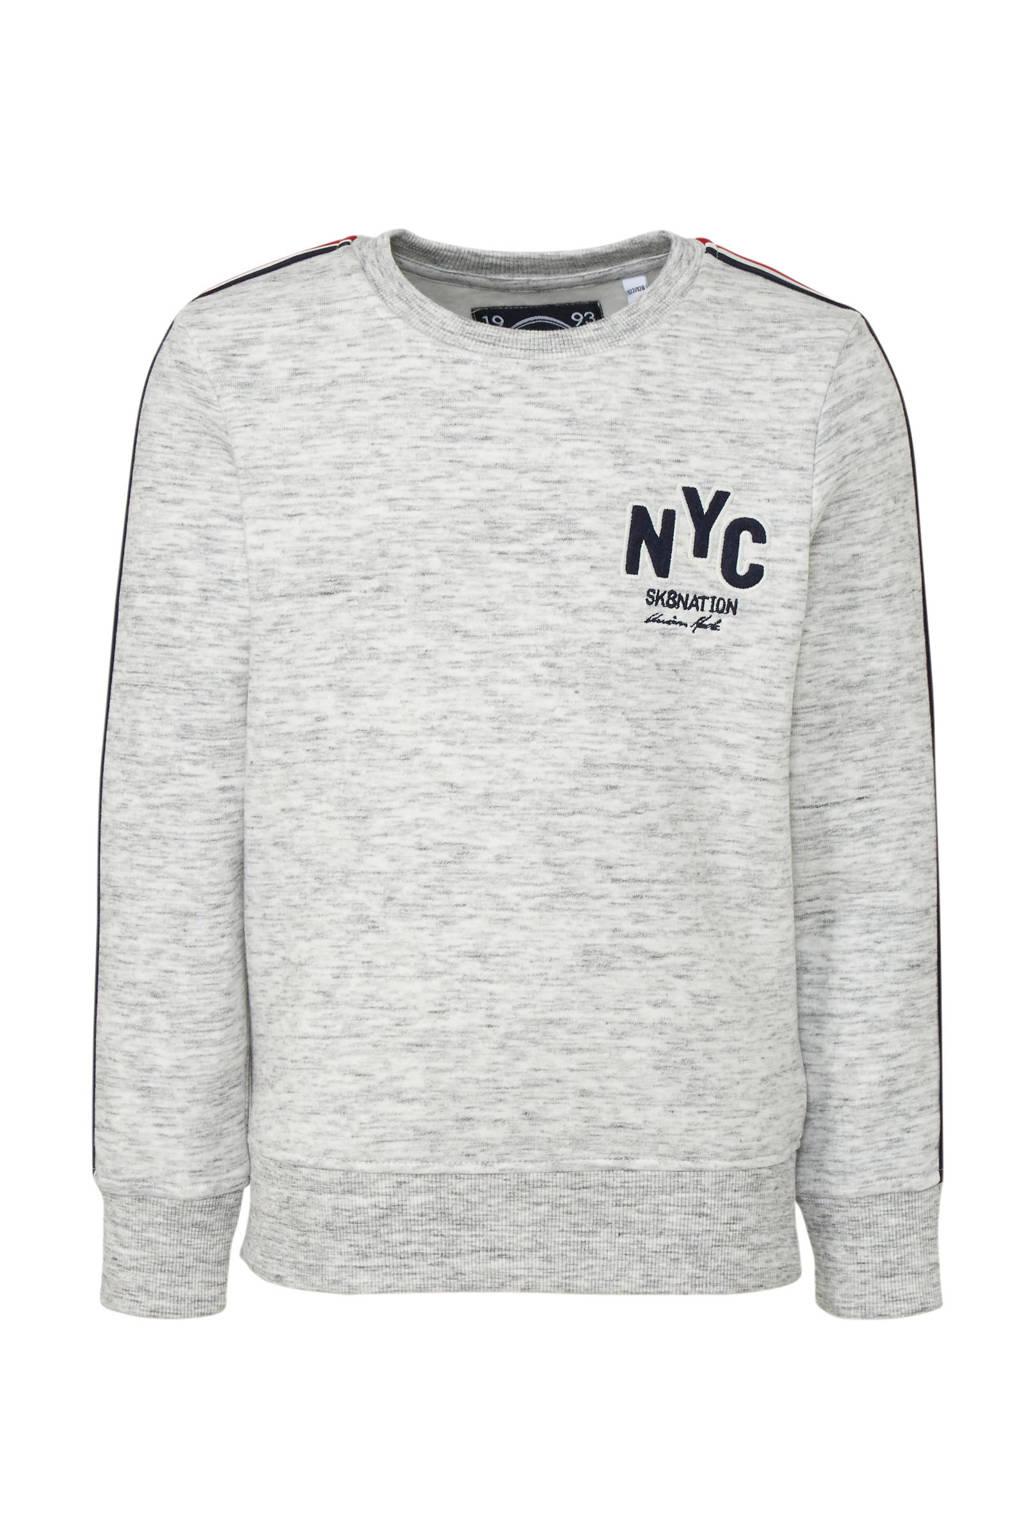 C&A Here & There sweater met contrastbies en borduursels ecru melange